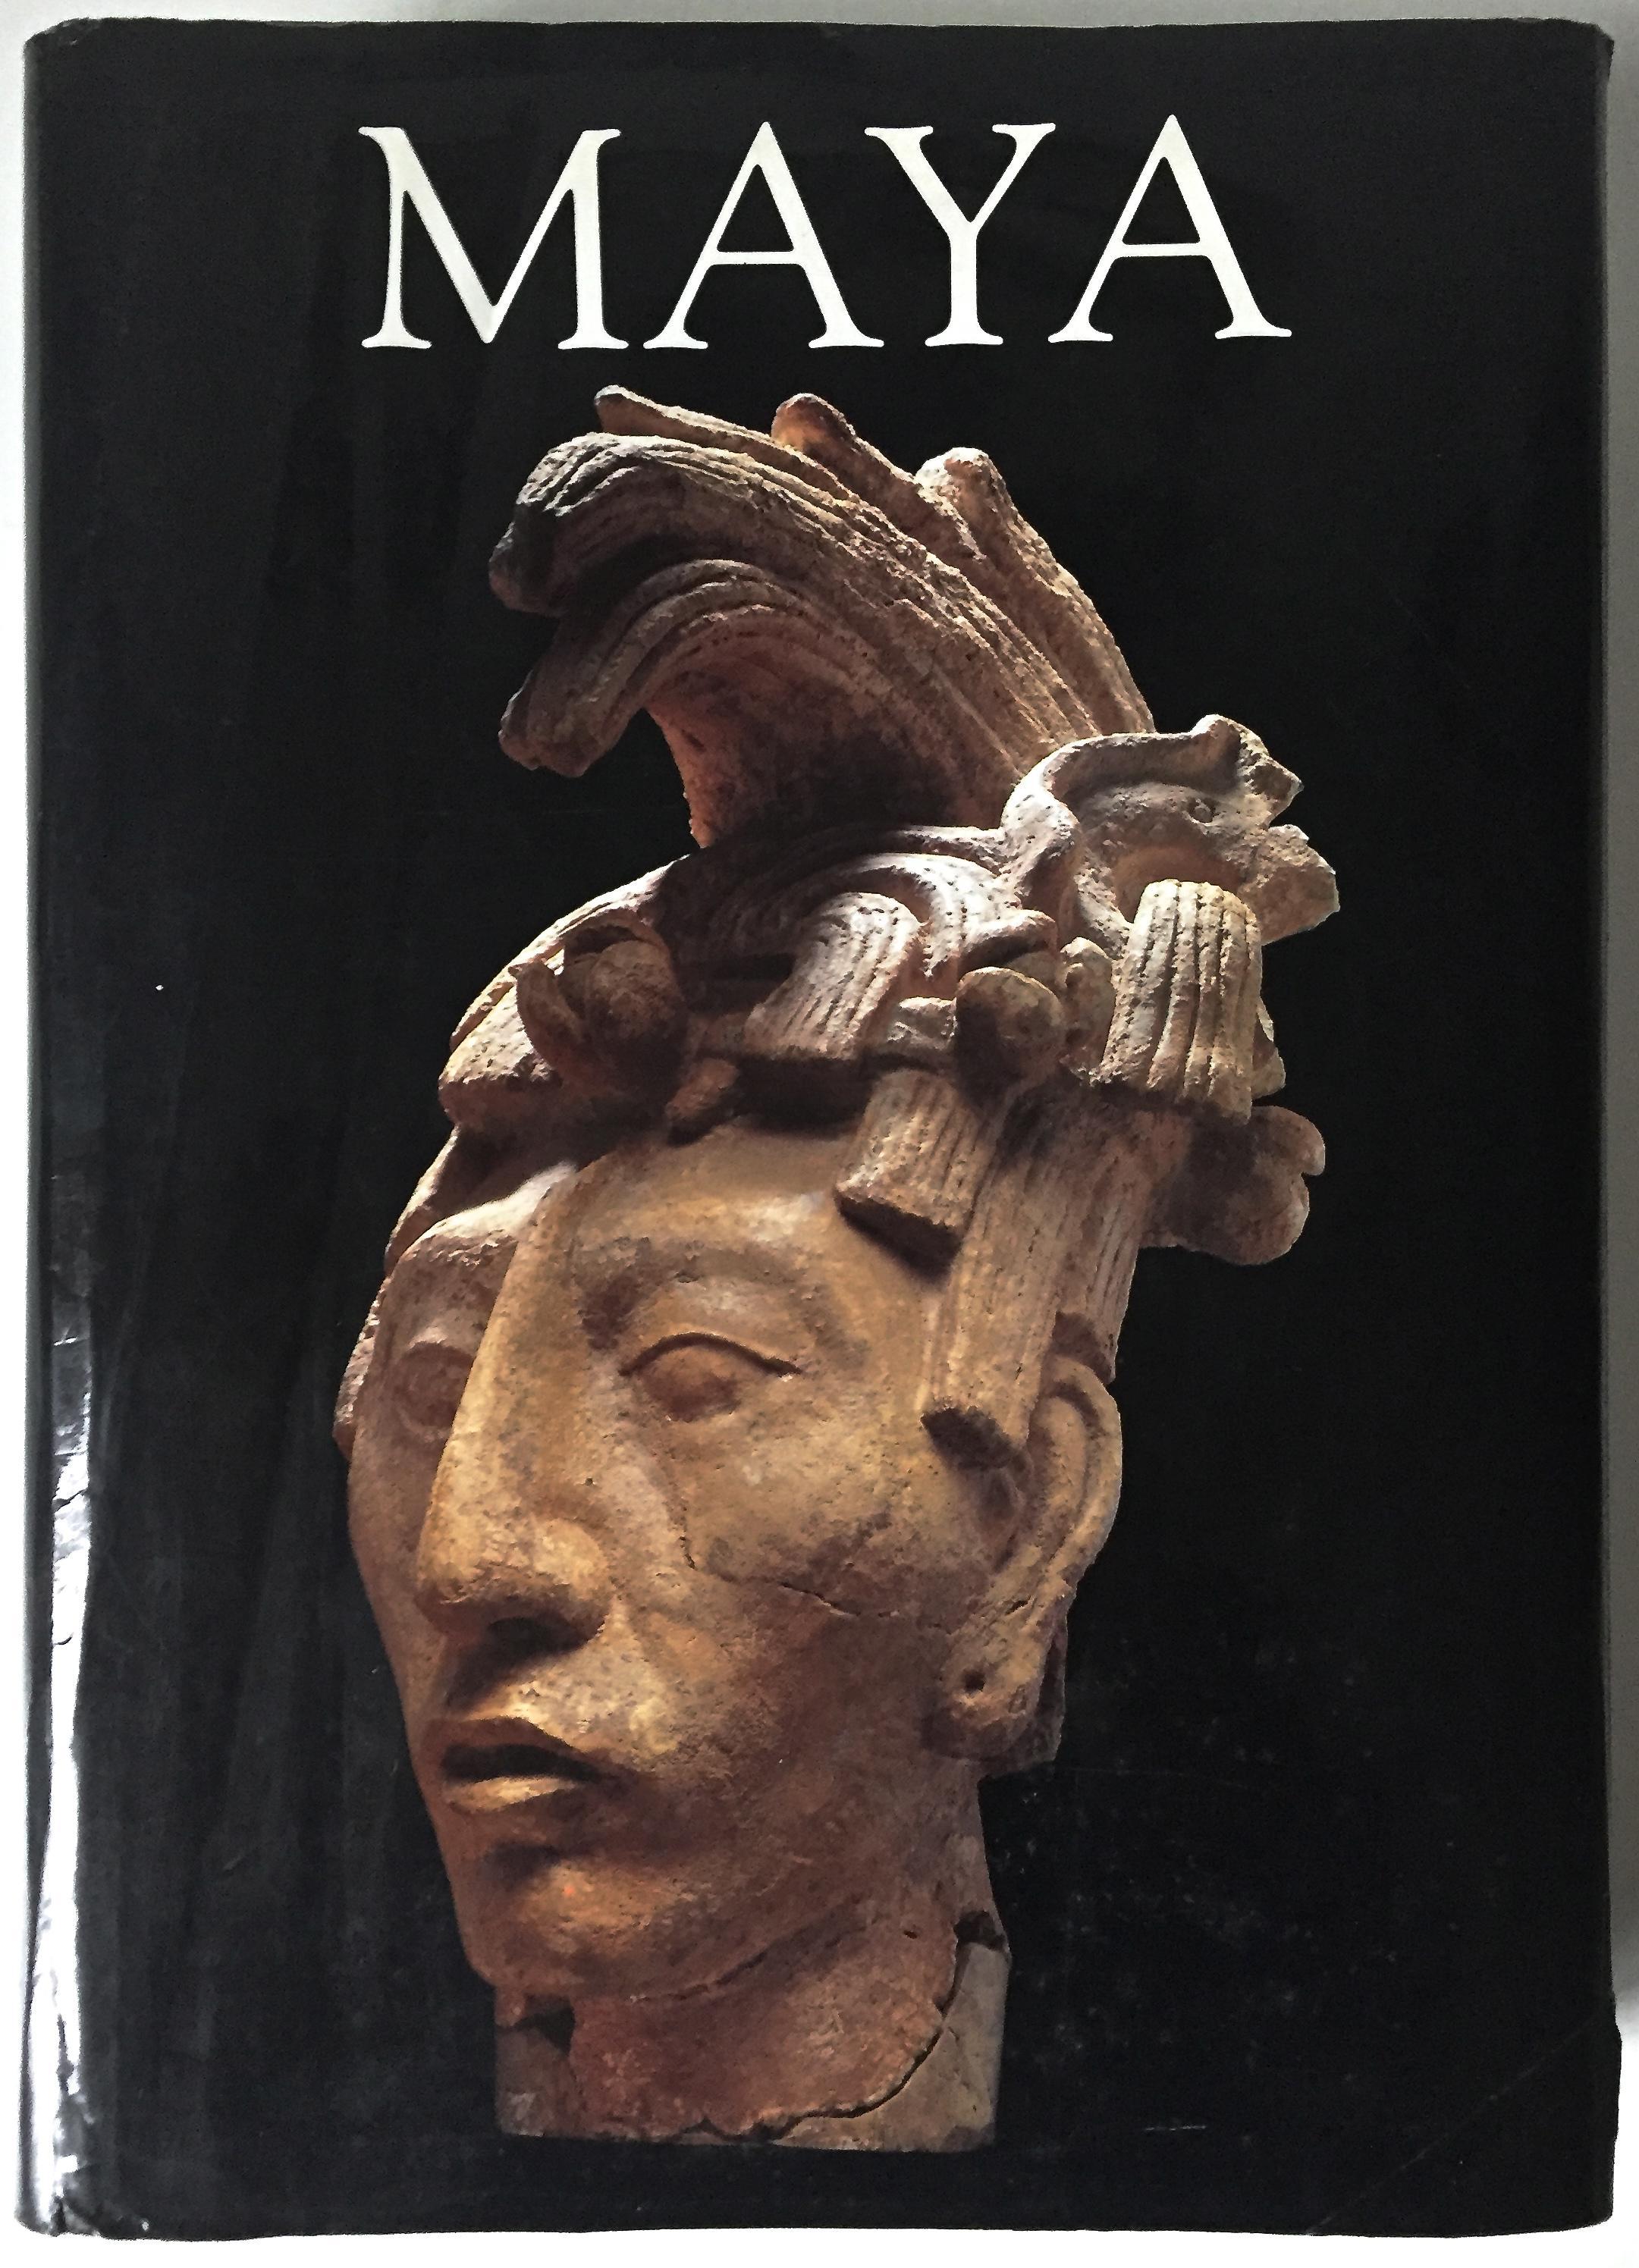 Maya Rizzoli Mayan Art Book Circa 1998 Chairish